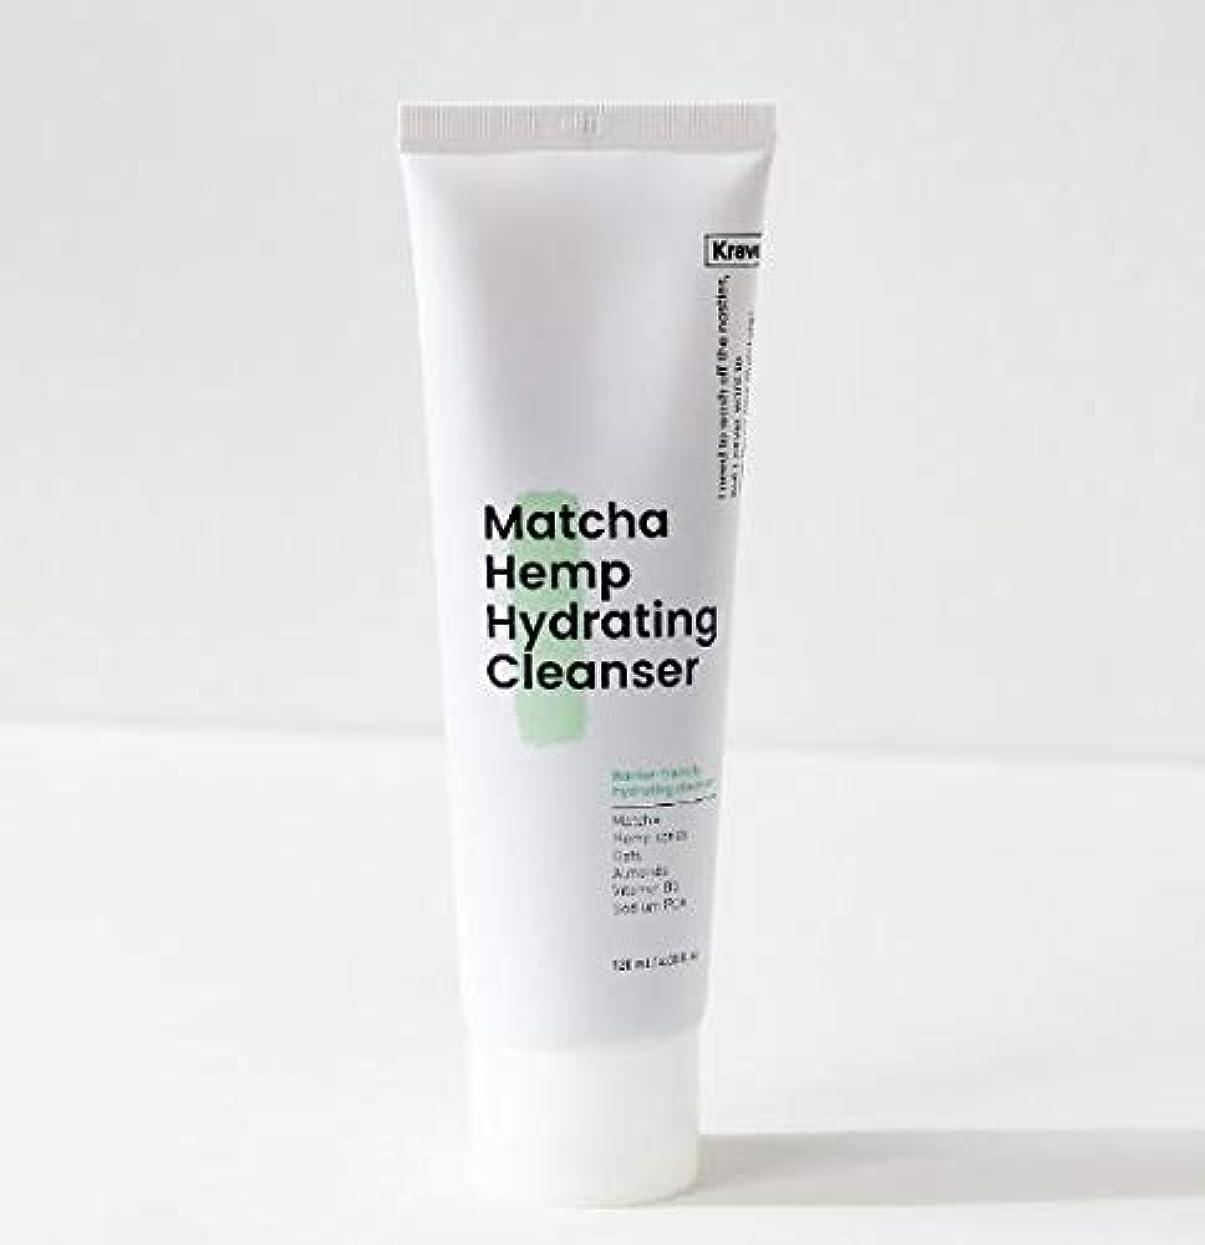 戦いプレビスサイト作り上げる[Krave] Matcha Hemp Hydrating Cleanser 120ml / 抹茶ハイドレイティングクレンザー120ml [並行輸入品]